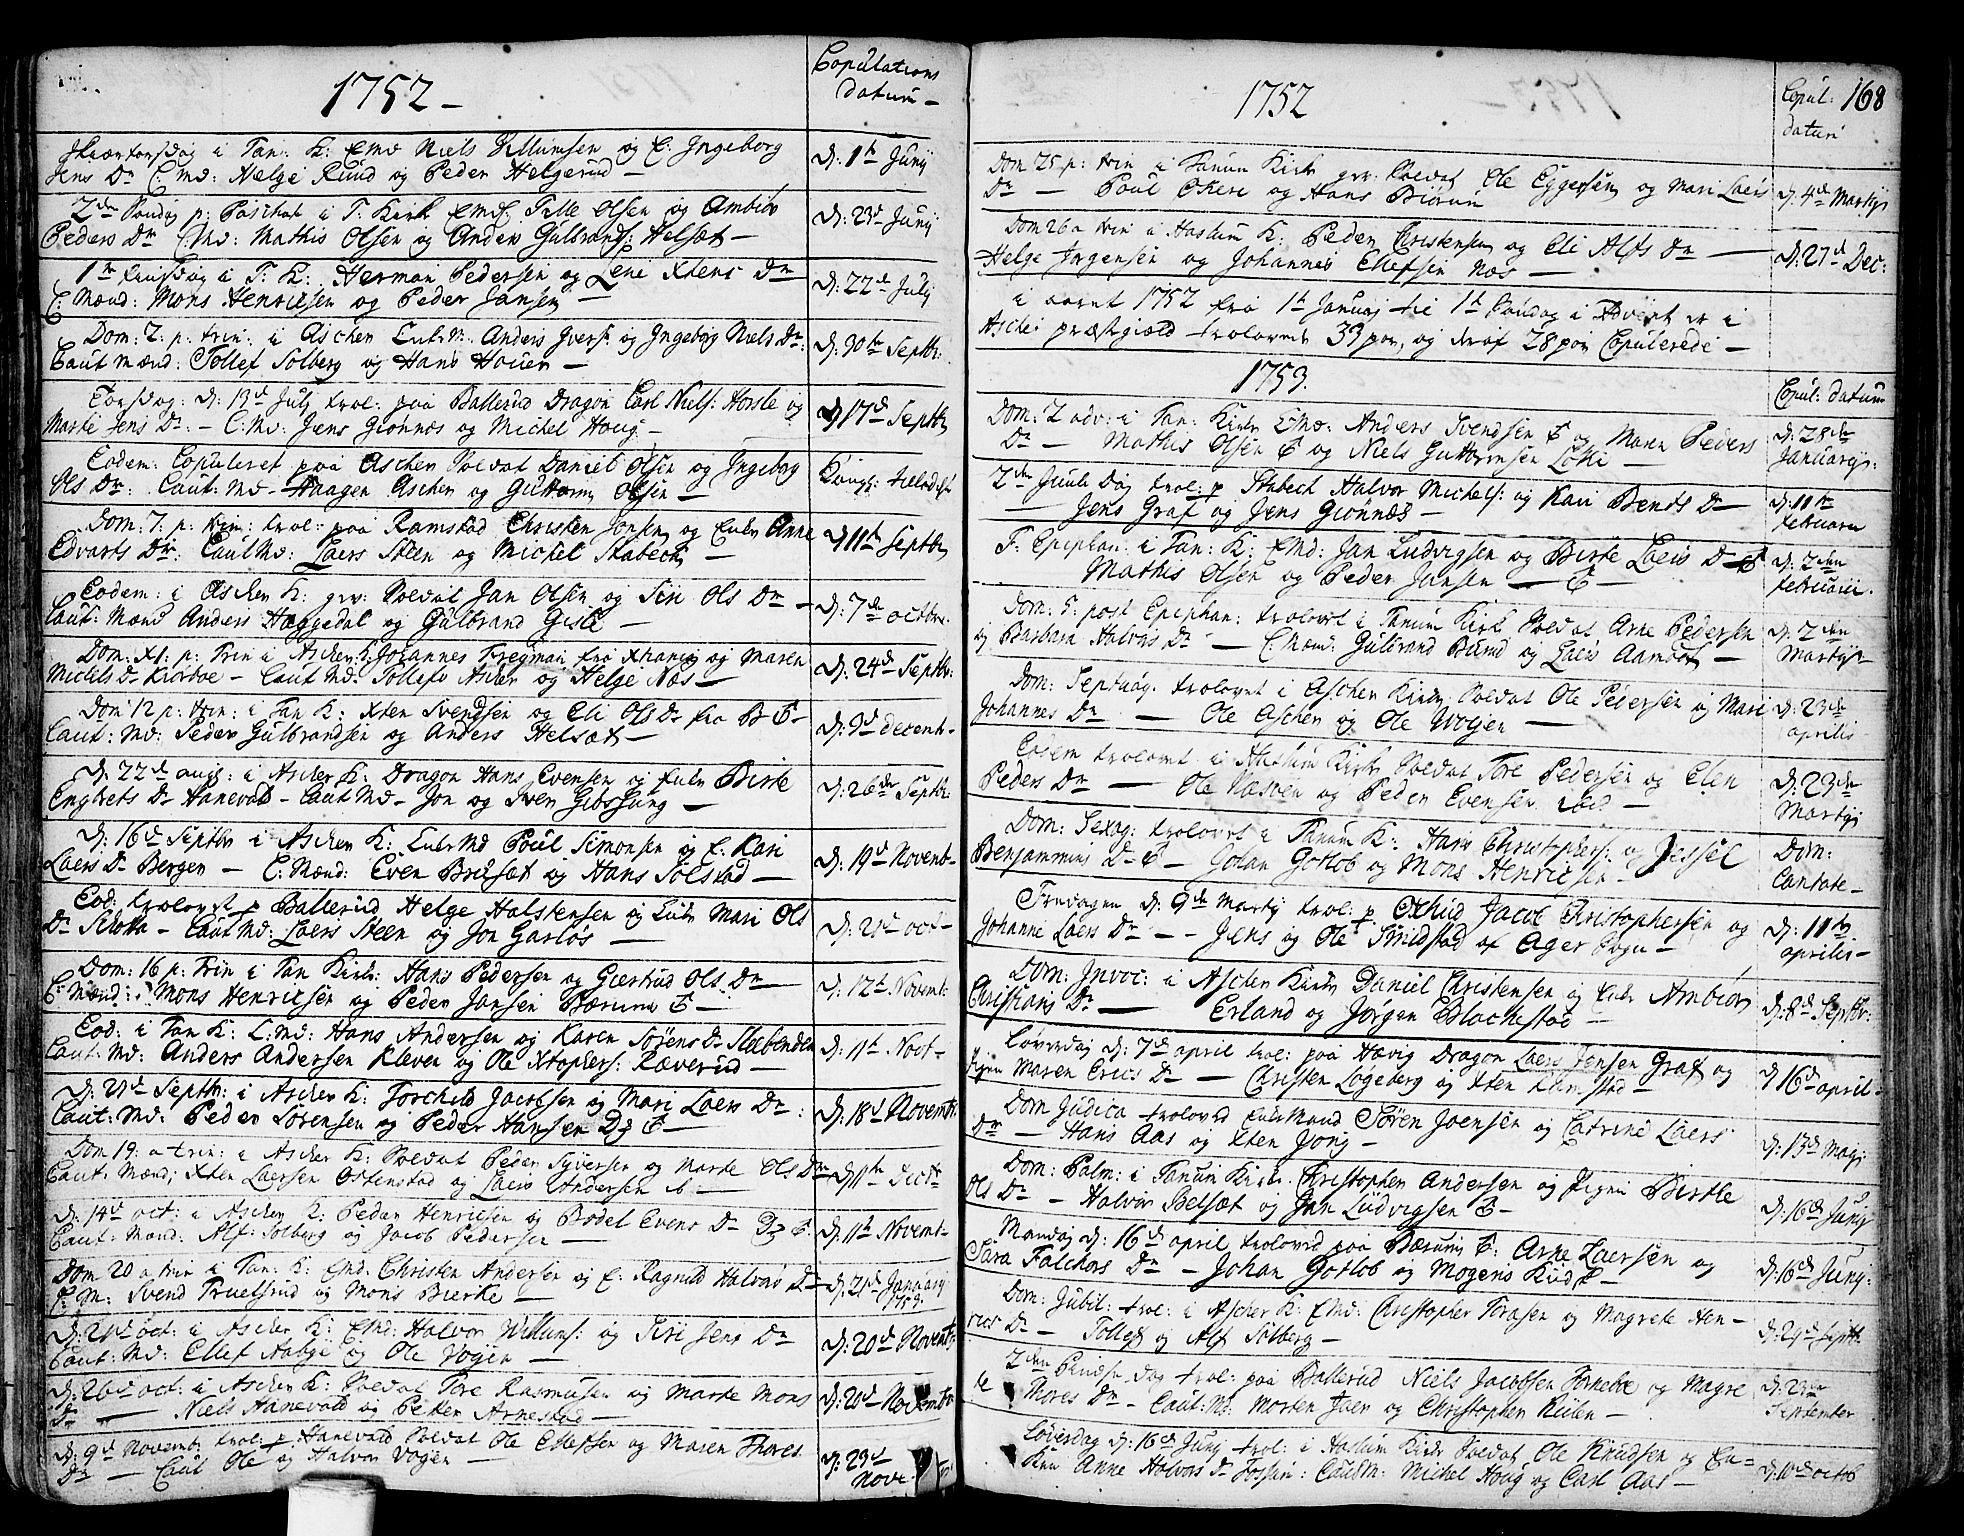 SAO, Asker prestekontor Kirkebøker, F/Fa/L0002: Ministerialbok nr. I 2, 1733-1766, s. 168